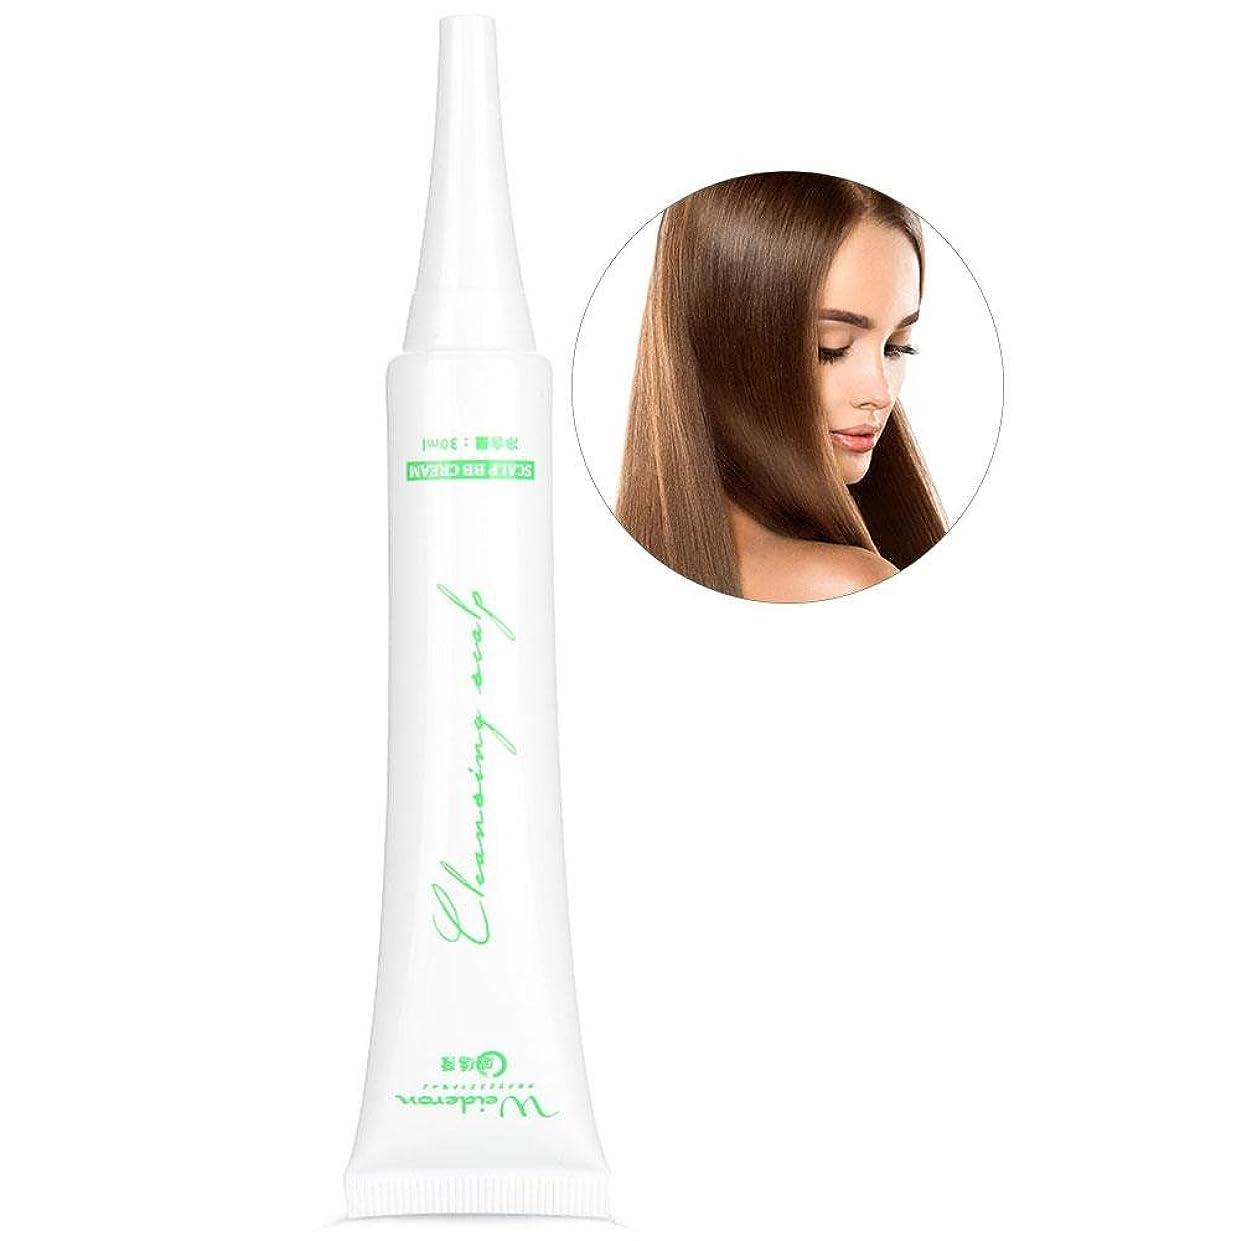 アーク性交直接頭皮プロテクティブクリーム、ヘア保護アイソレーショングルー 髪を染めてパーマをかけて刺激を防ぐ ヘア保護液 高品質 30ML